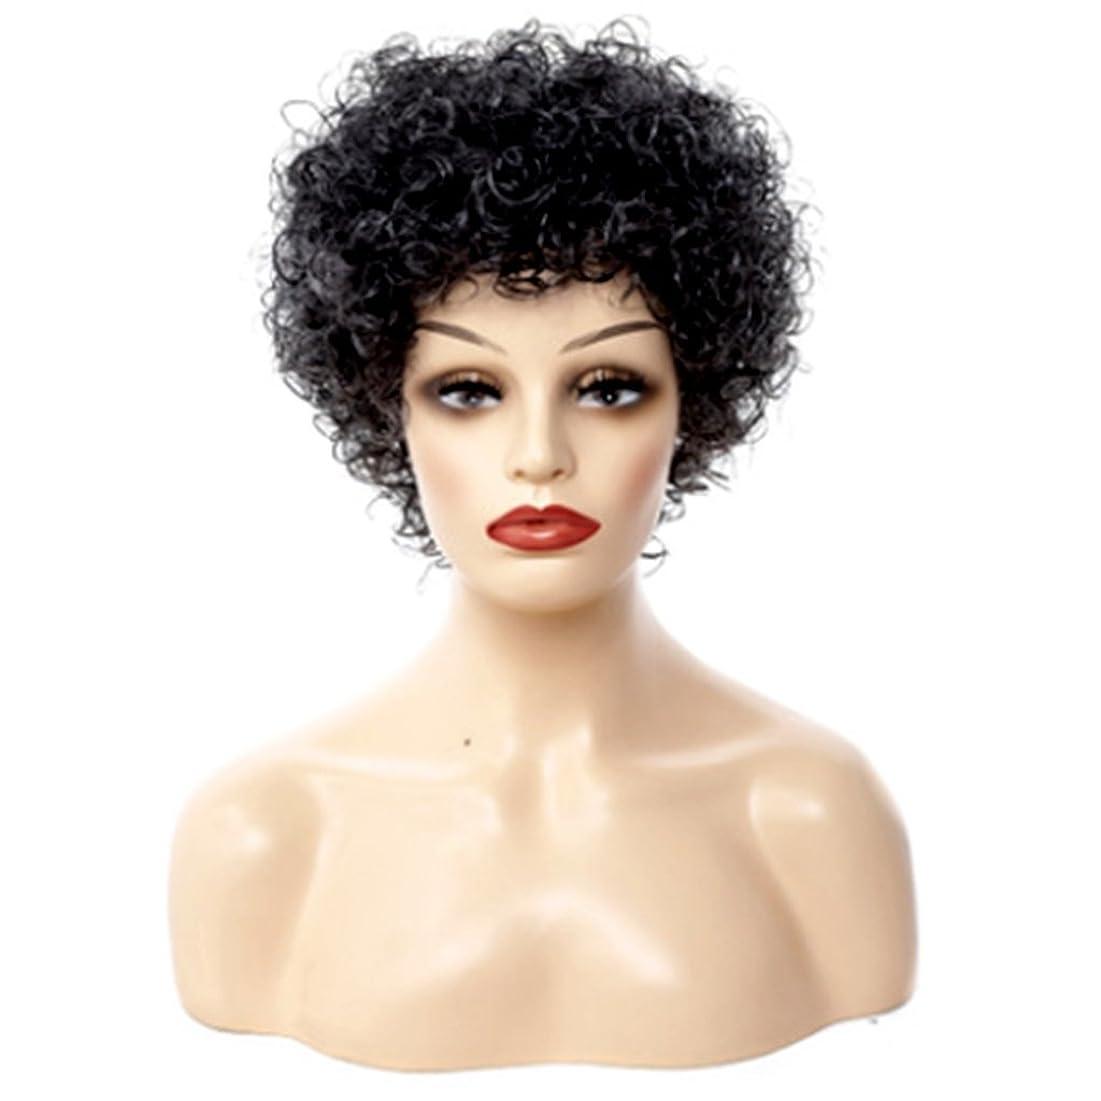 排泄物作家コンサートJIANFU 小さな髪の短いバースト、快適な$調整可能な色のかつらに完璧なフィットのためのモノクロハーモニー-30cmナチュラルウィメンズウィッグ (Color : Black and white harmony)